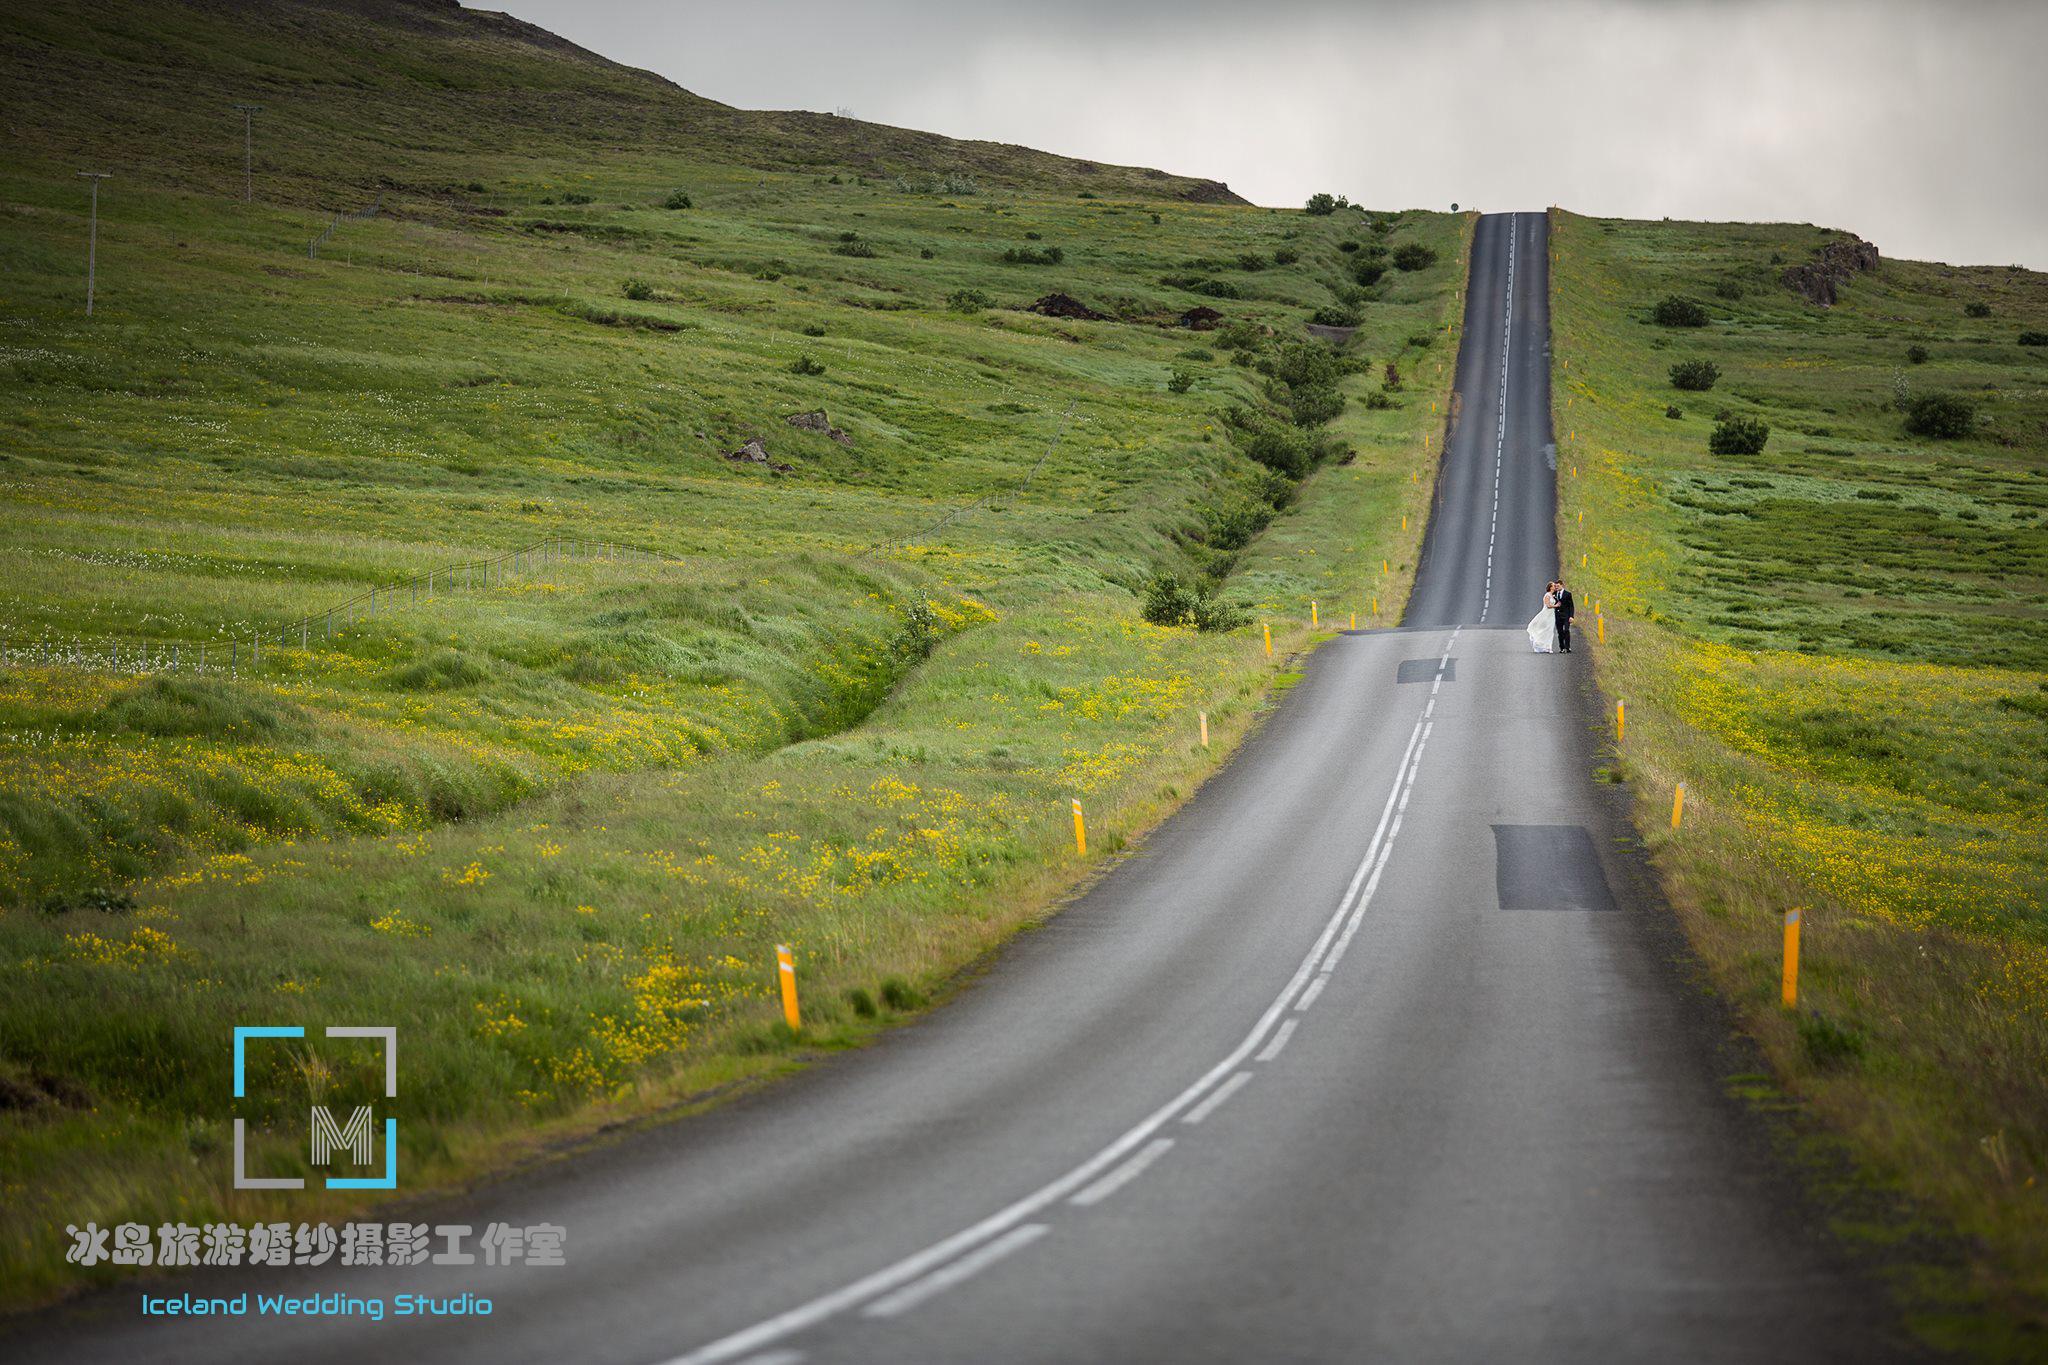 road wedding photo Iceland